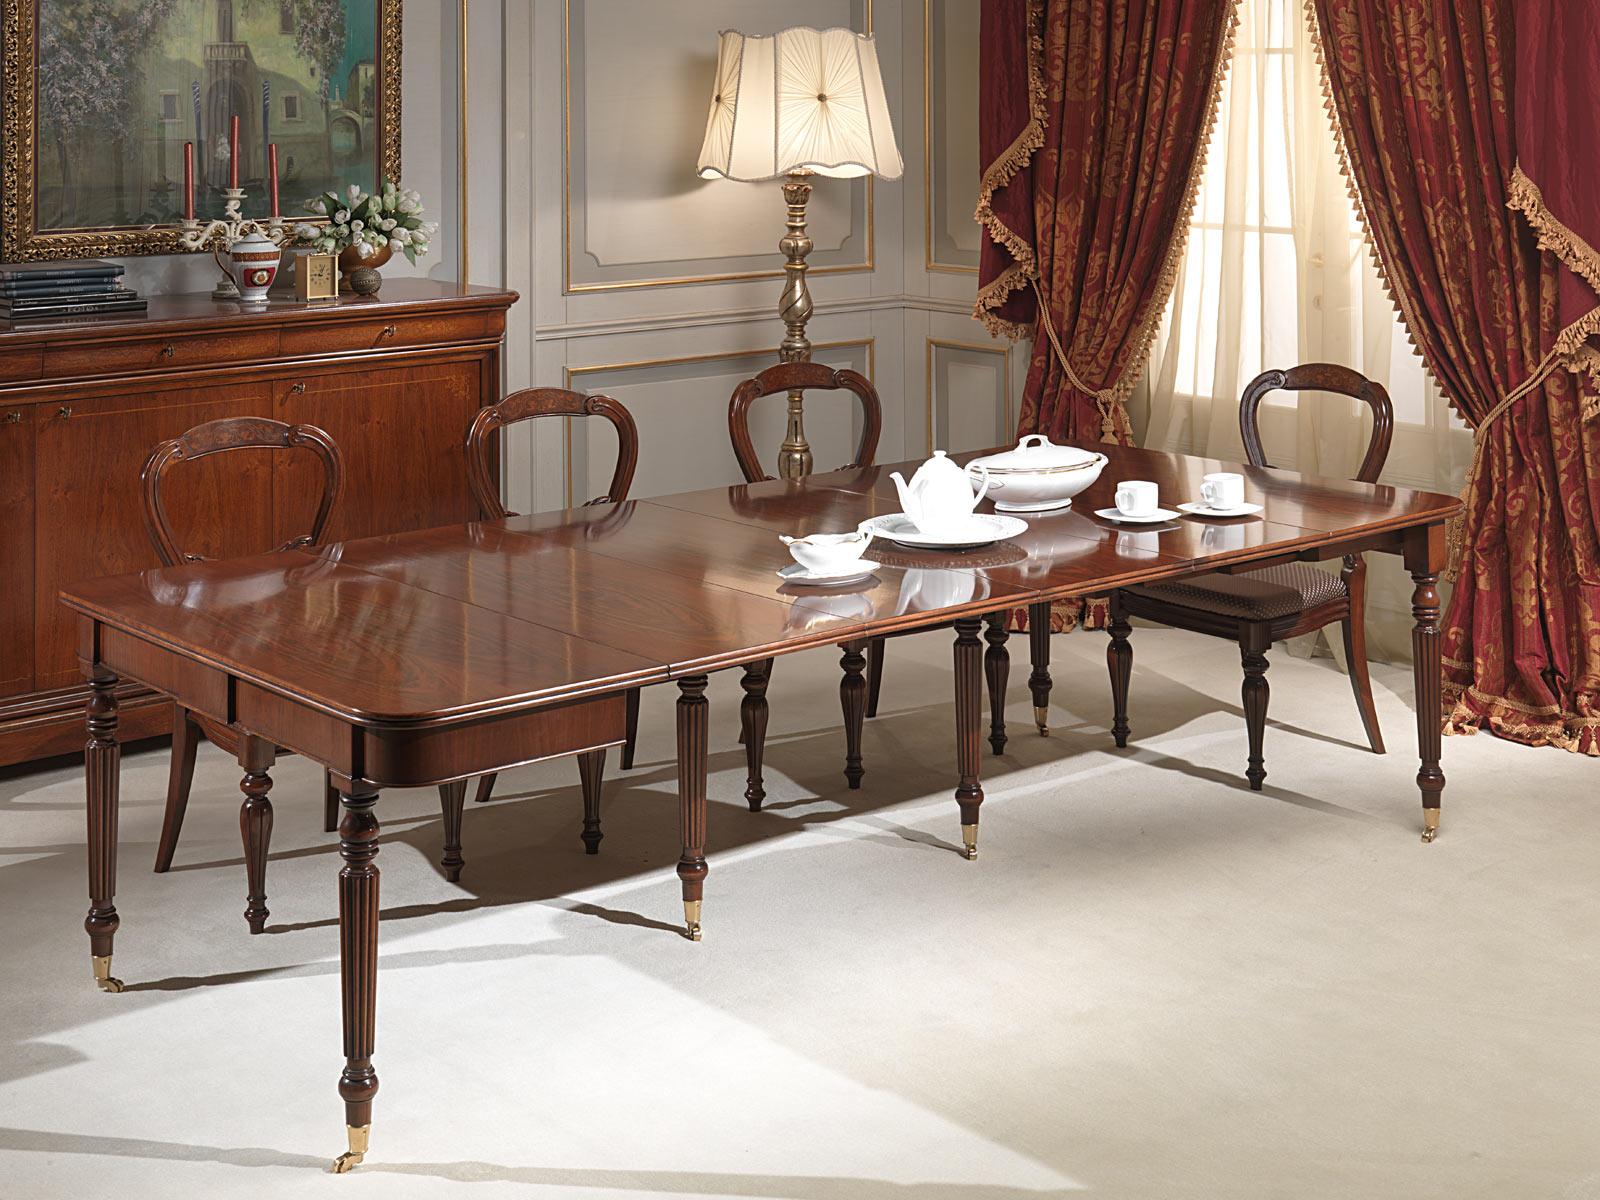 Tavolo Consolle Classico Allungabile Completamente Allungato  #683A2B 1600 1200 Sale Da Pranzo Classiche Roma